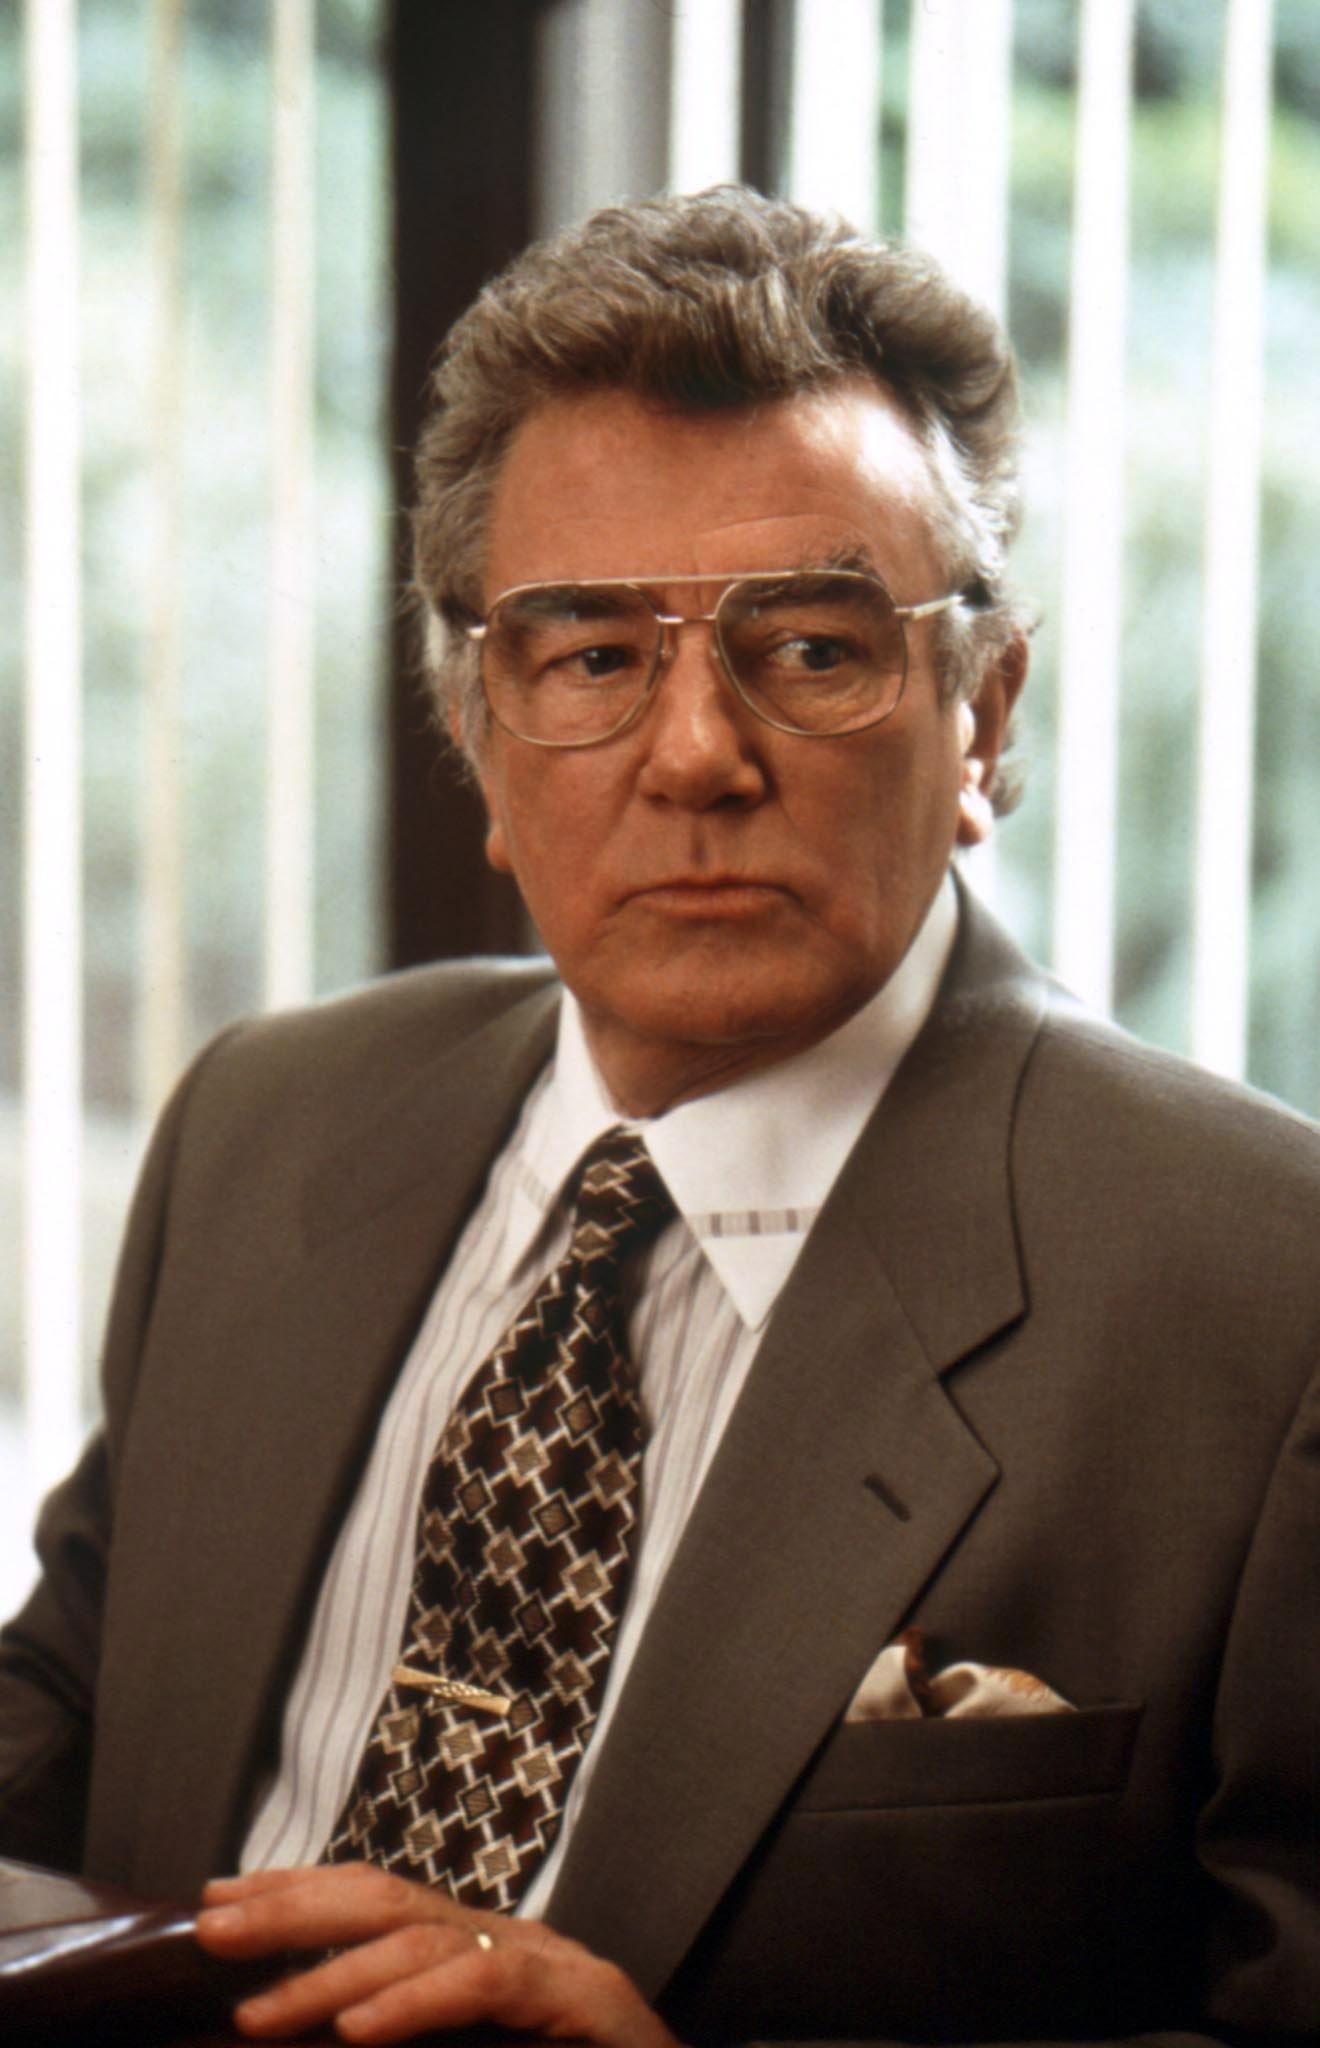 Albert Finney in Erin Brockovich (2000)